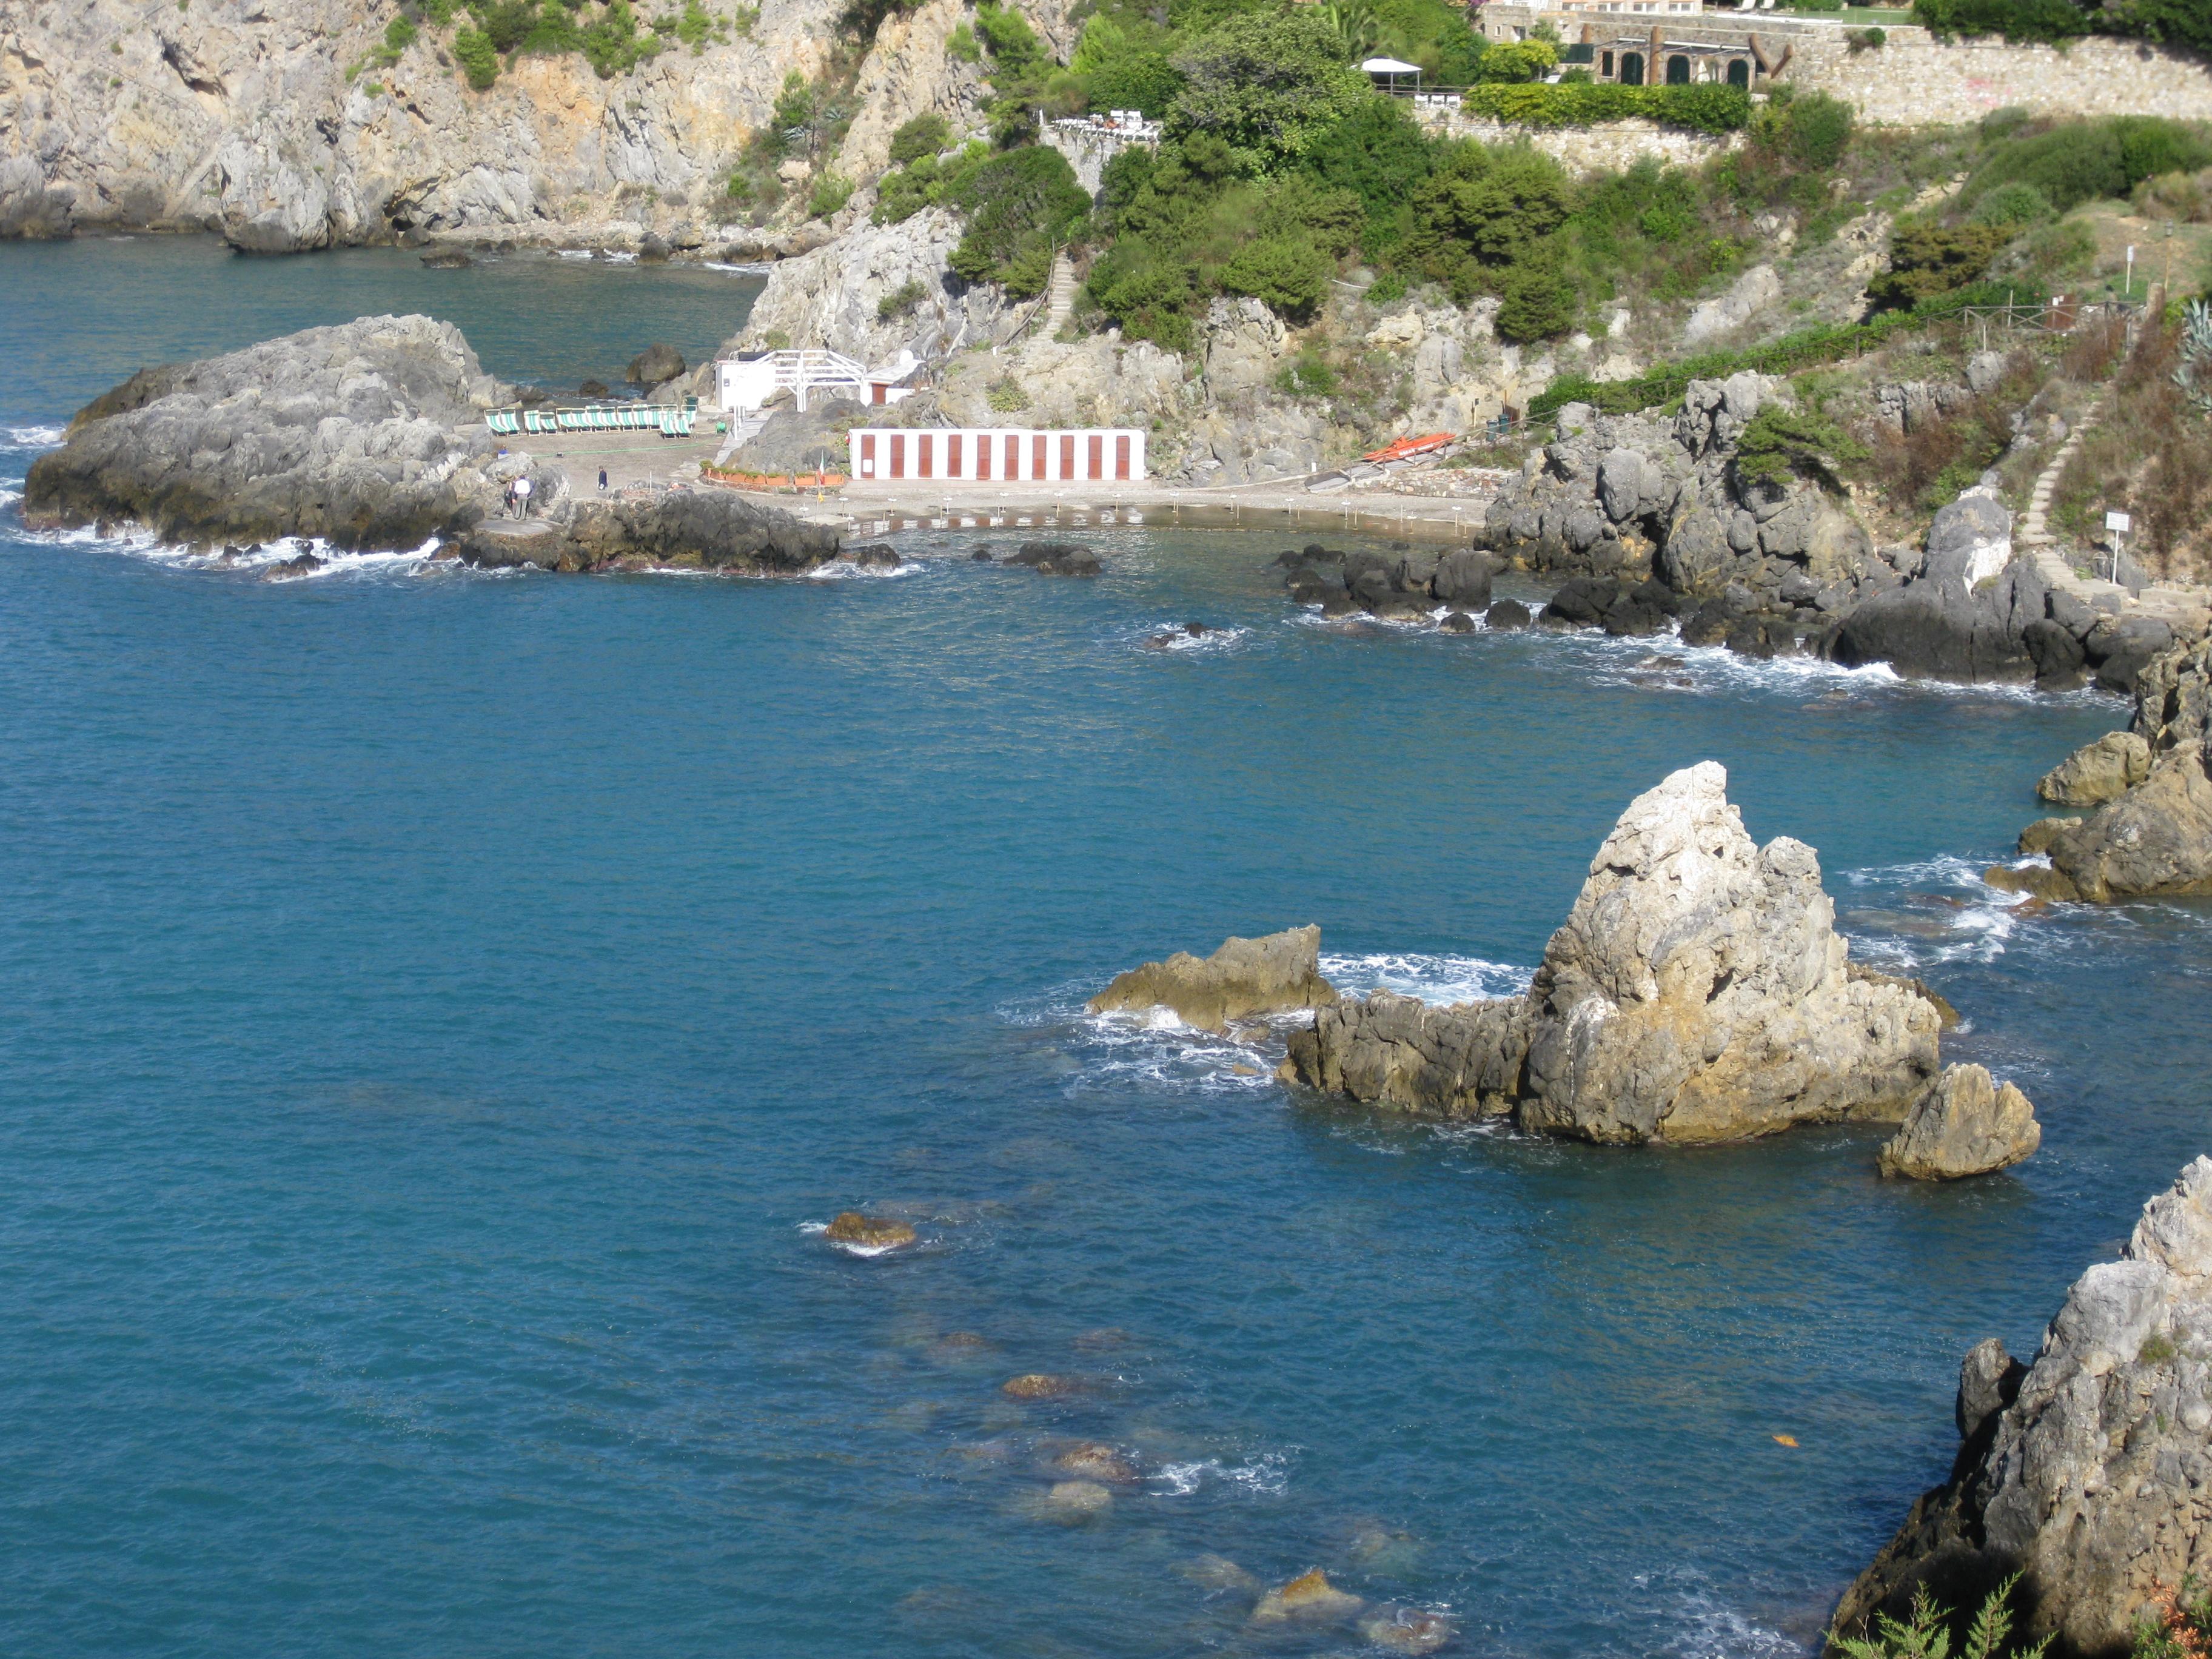 File:Sea in Talamone (Italy).jpg - Wikipedia, the free encyclopedia